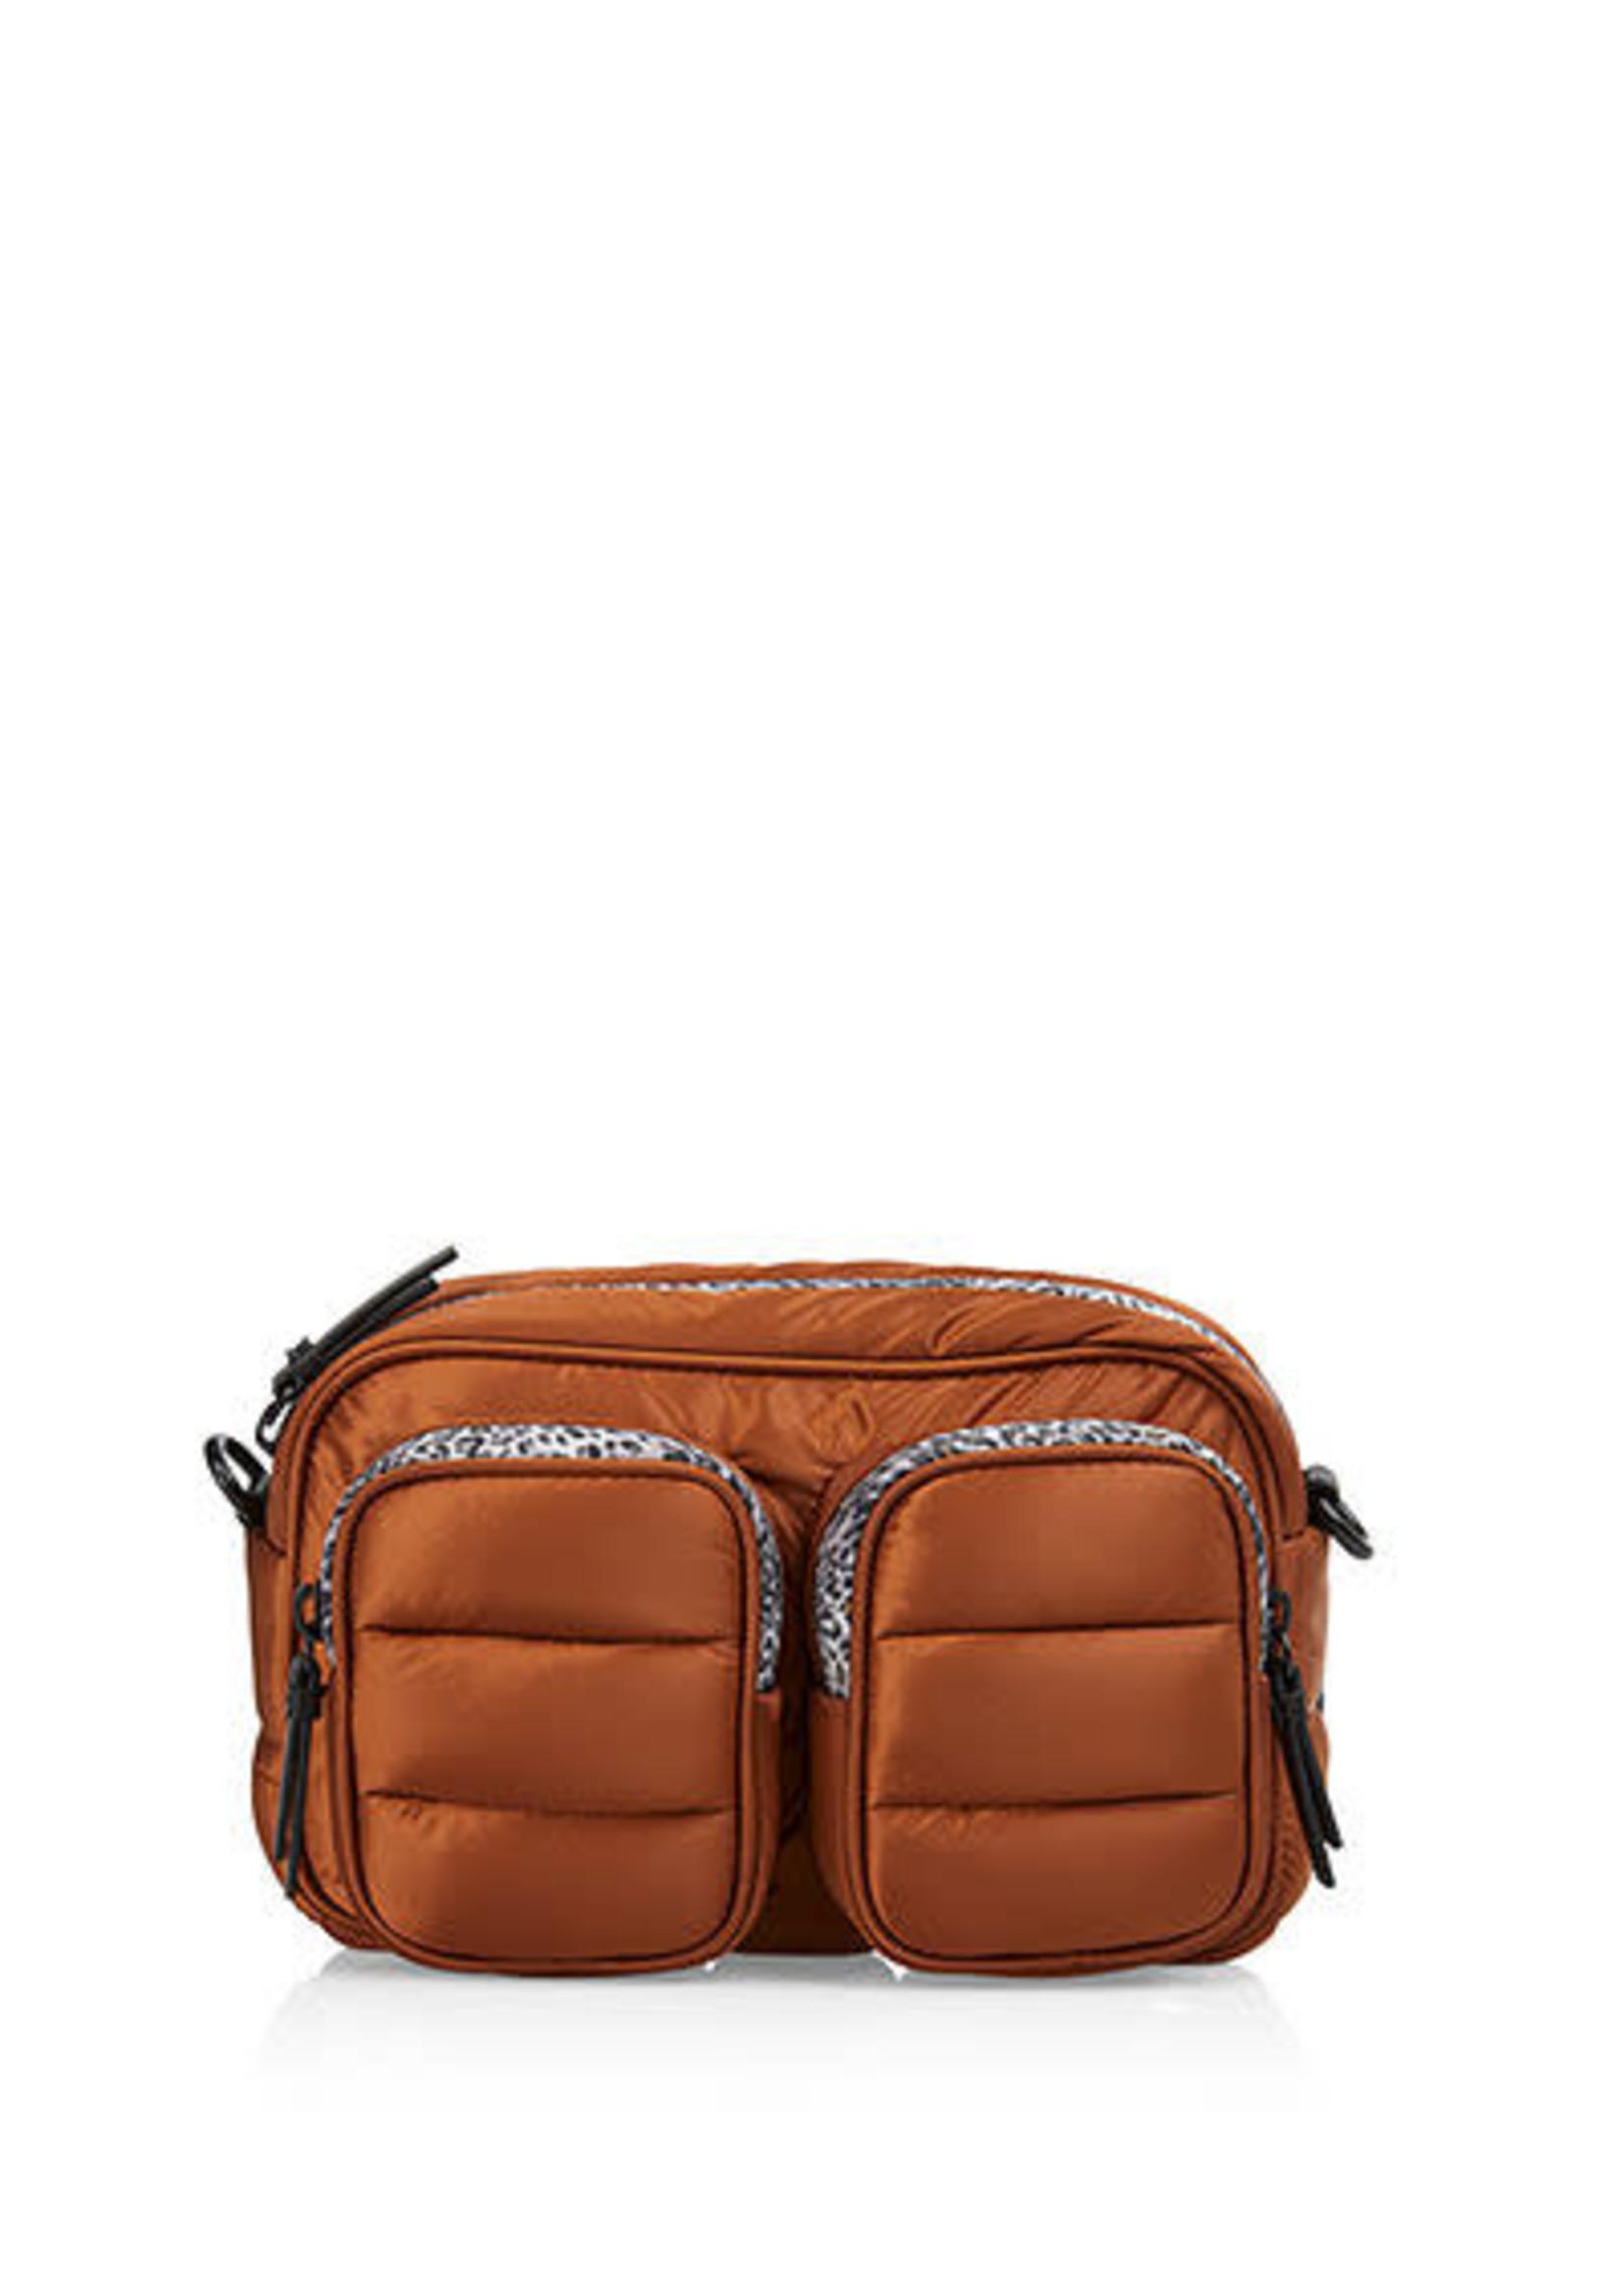 Marccain Bags & Shoes Shopper RB TI.12 W17 sienna